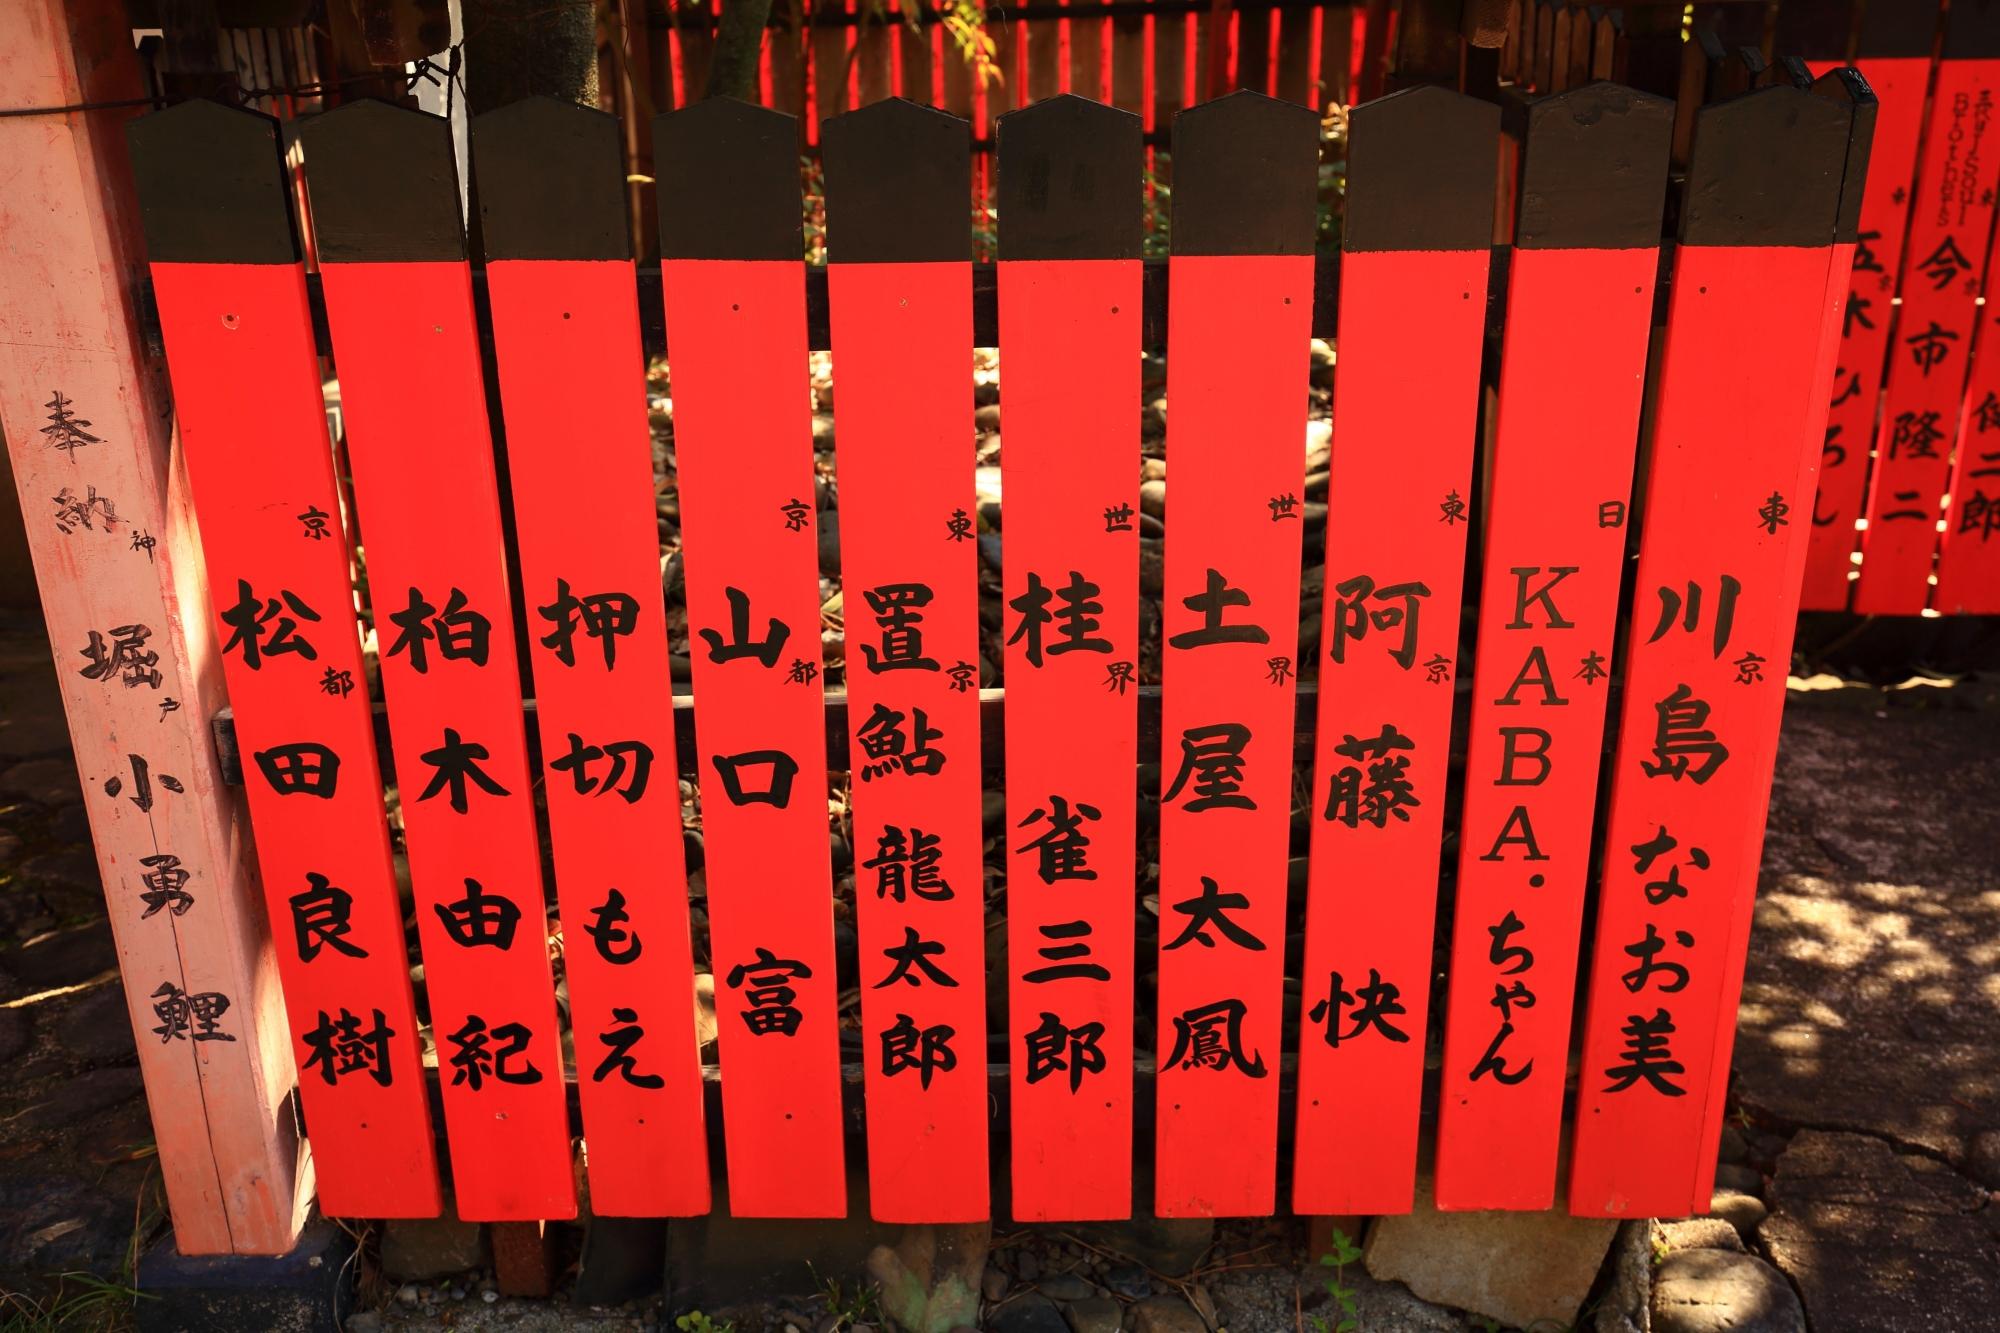 芸能神社のそうそうたるお名前の玉垣